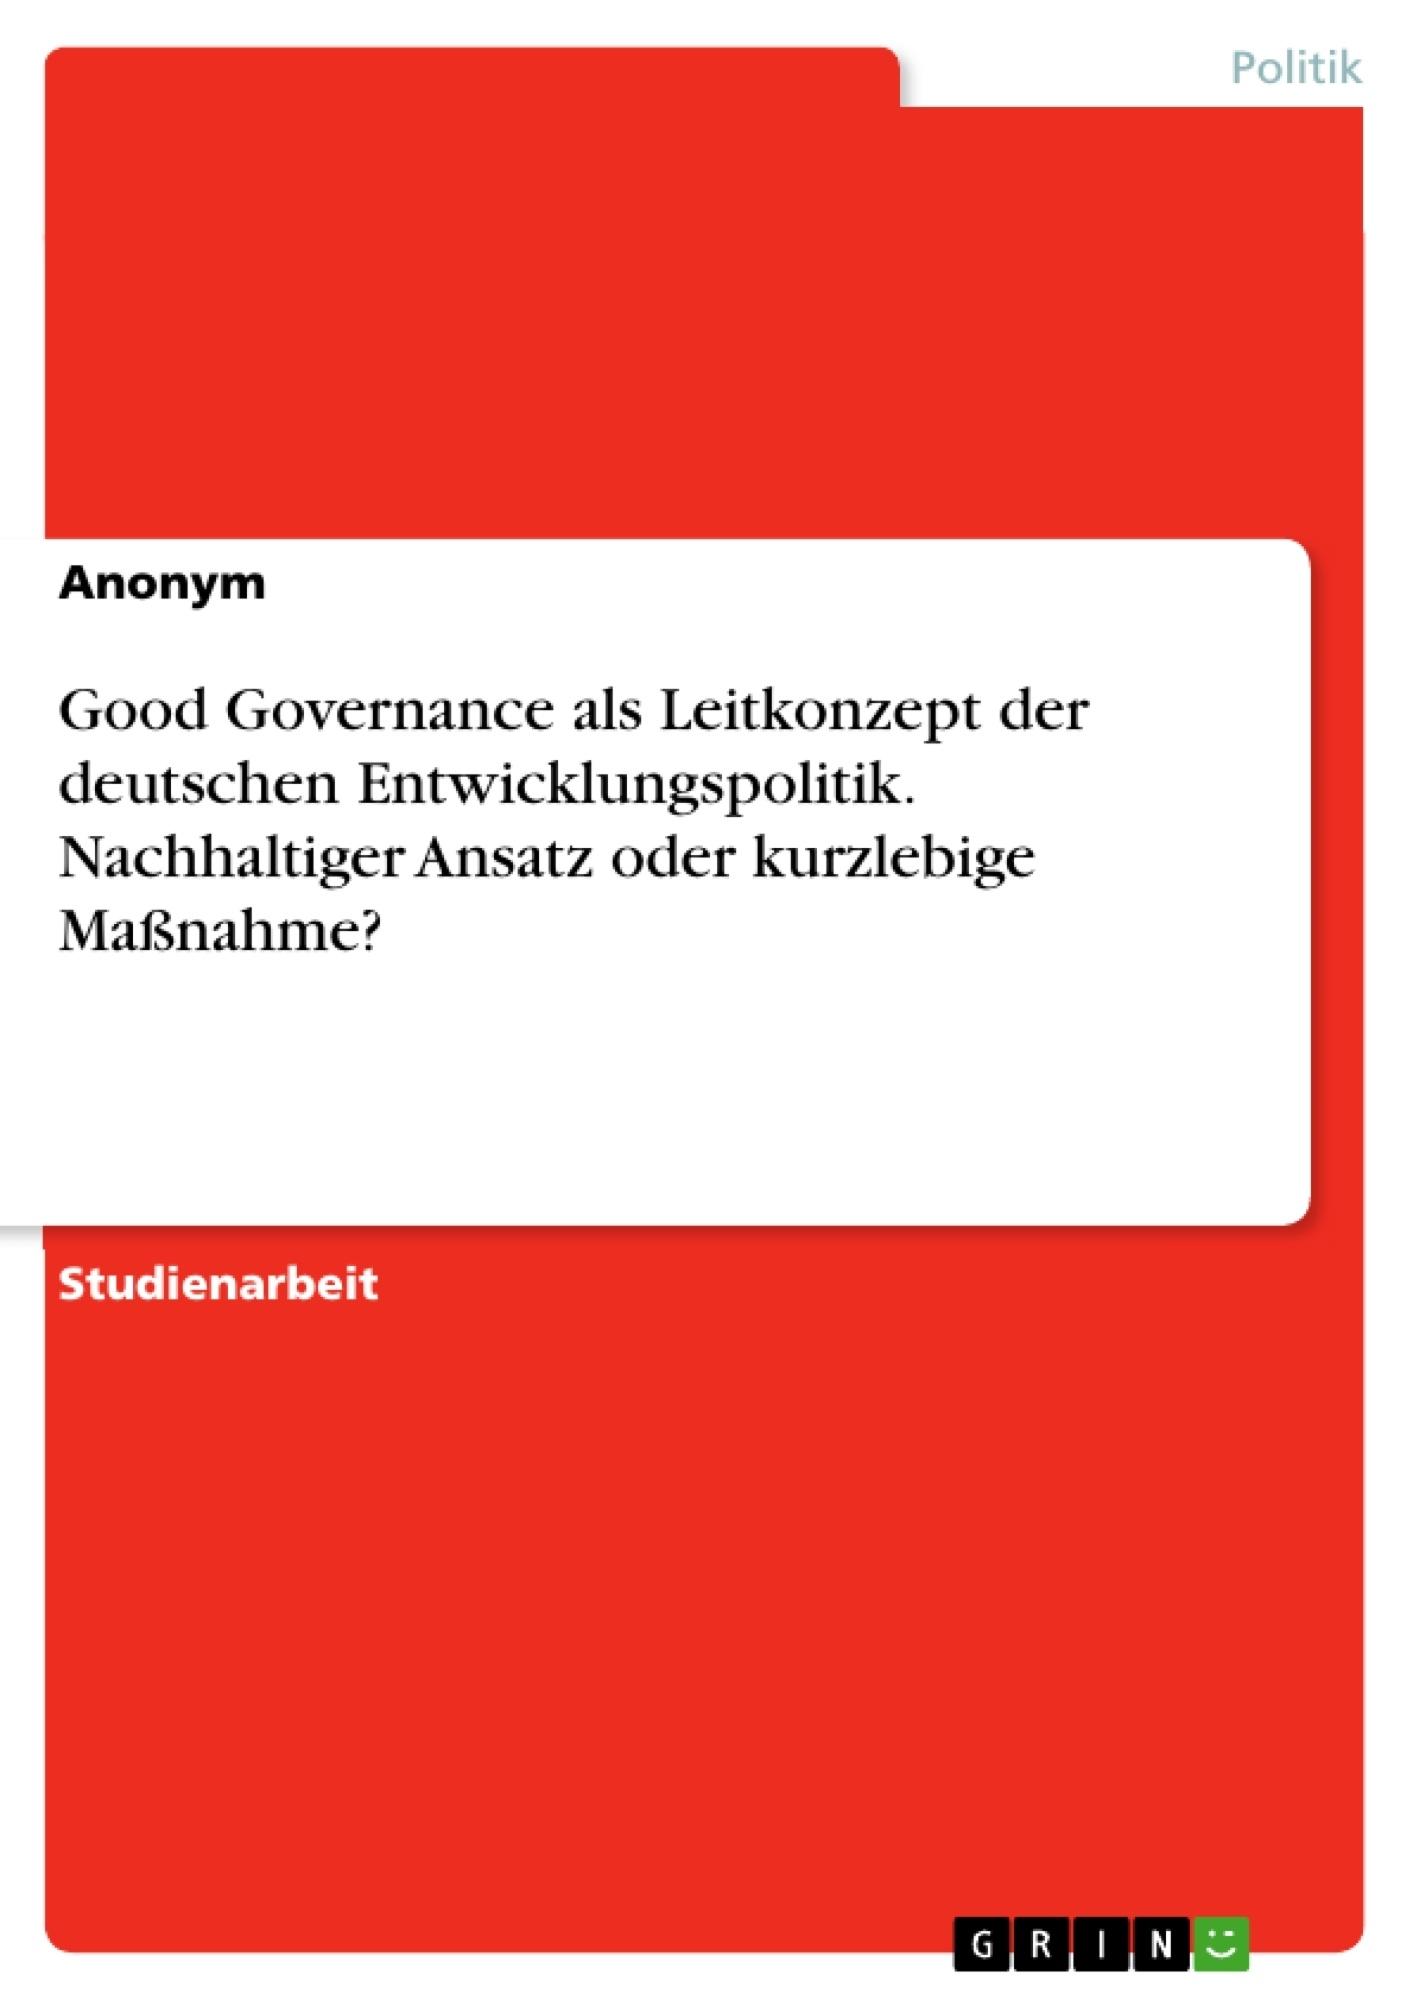 Titel: Good Governance als Leitkonzept der deutschen Entwicklungspolitik. Nachhaltiger Ansatz oder kurzlebige Maßnahme?